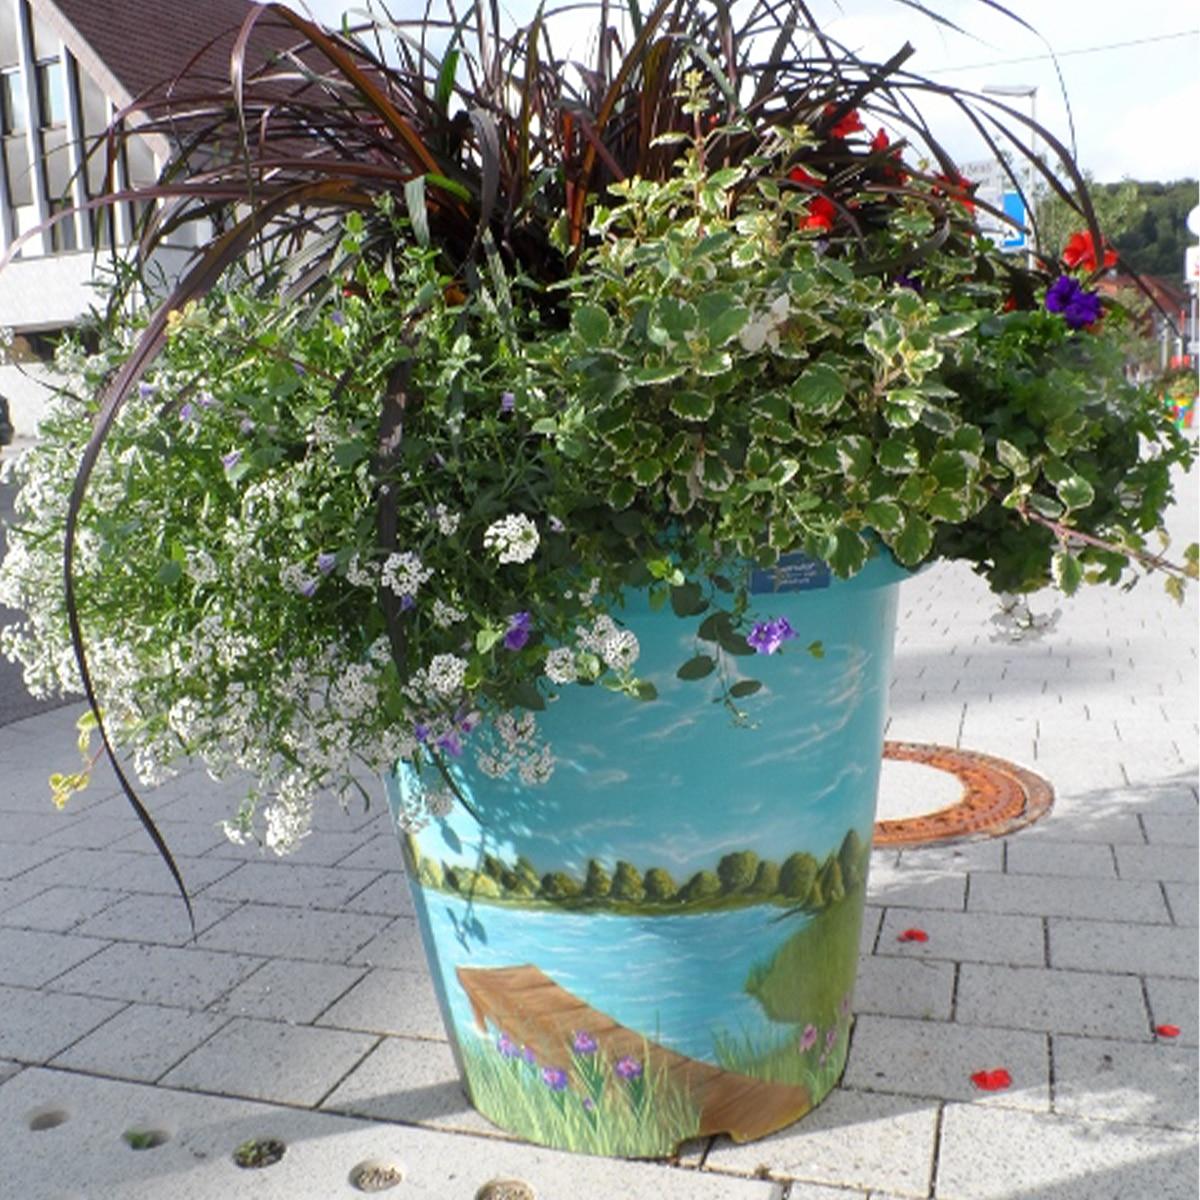 ATECH-flower-pot-extravase-germany